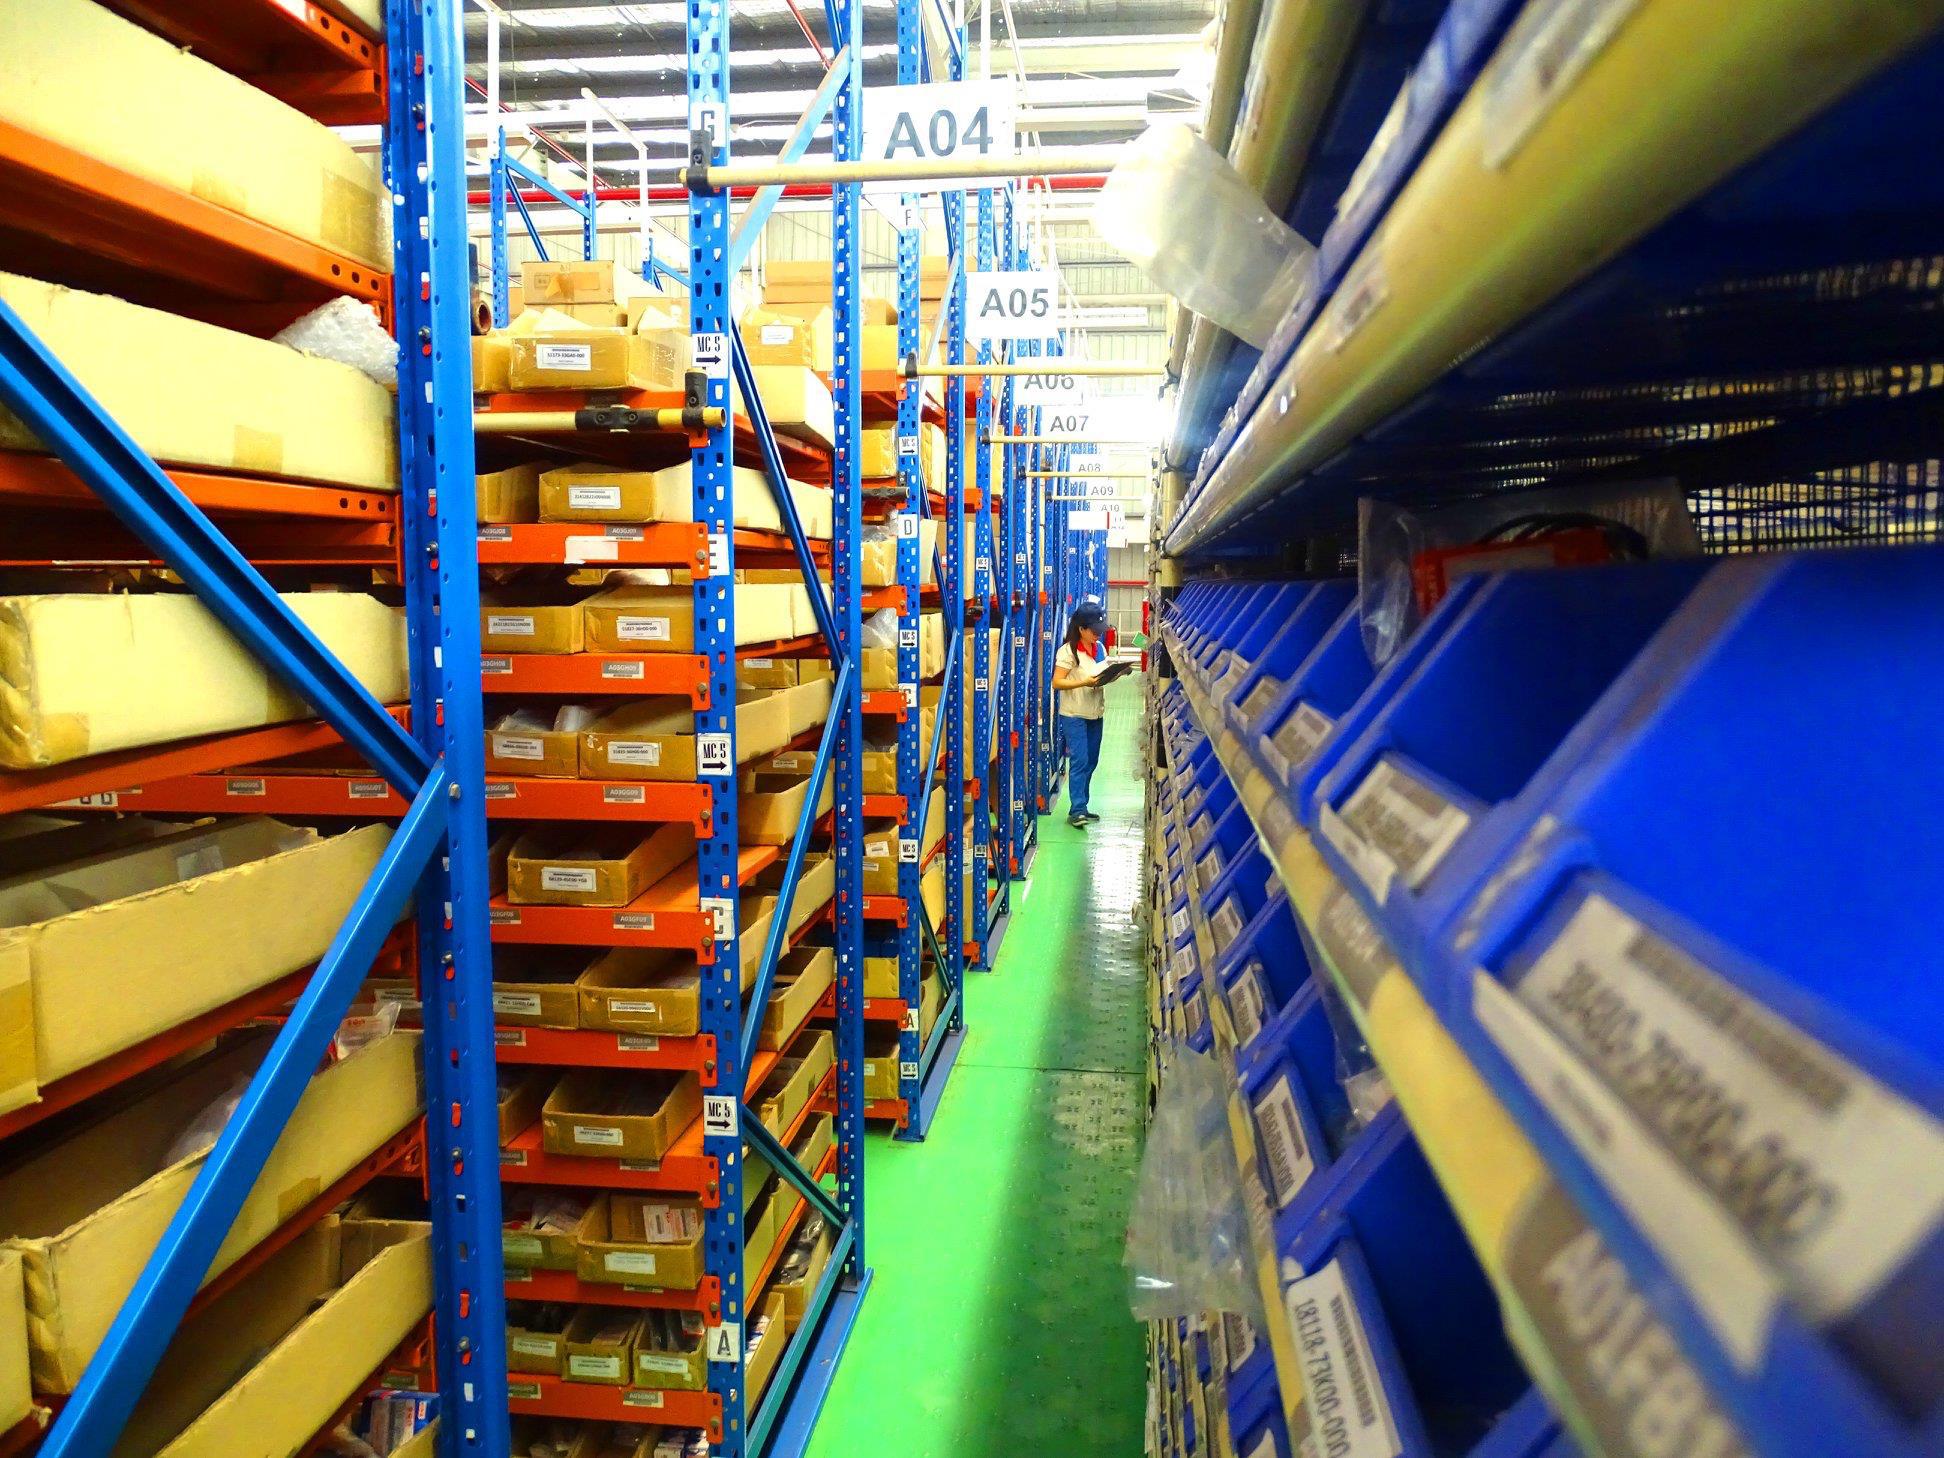 3 kho phụ tùng lớn của Suzuki ở miền Bắc và miền Nam dự trữ hơn 510.000 chi tiết phụ tùng